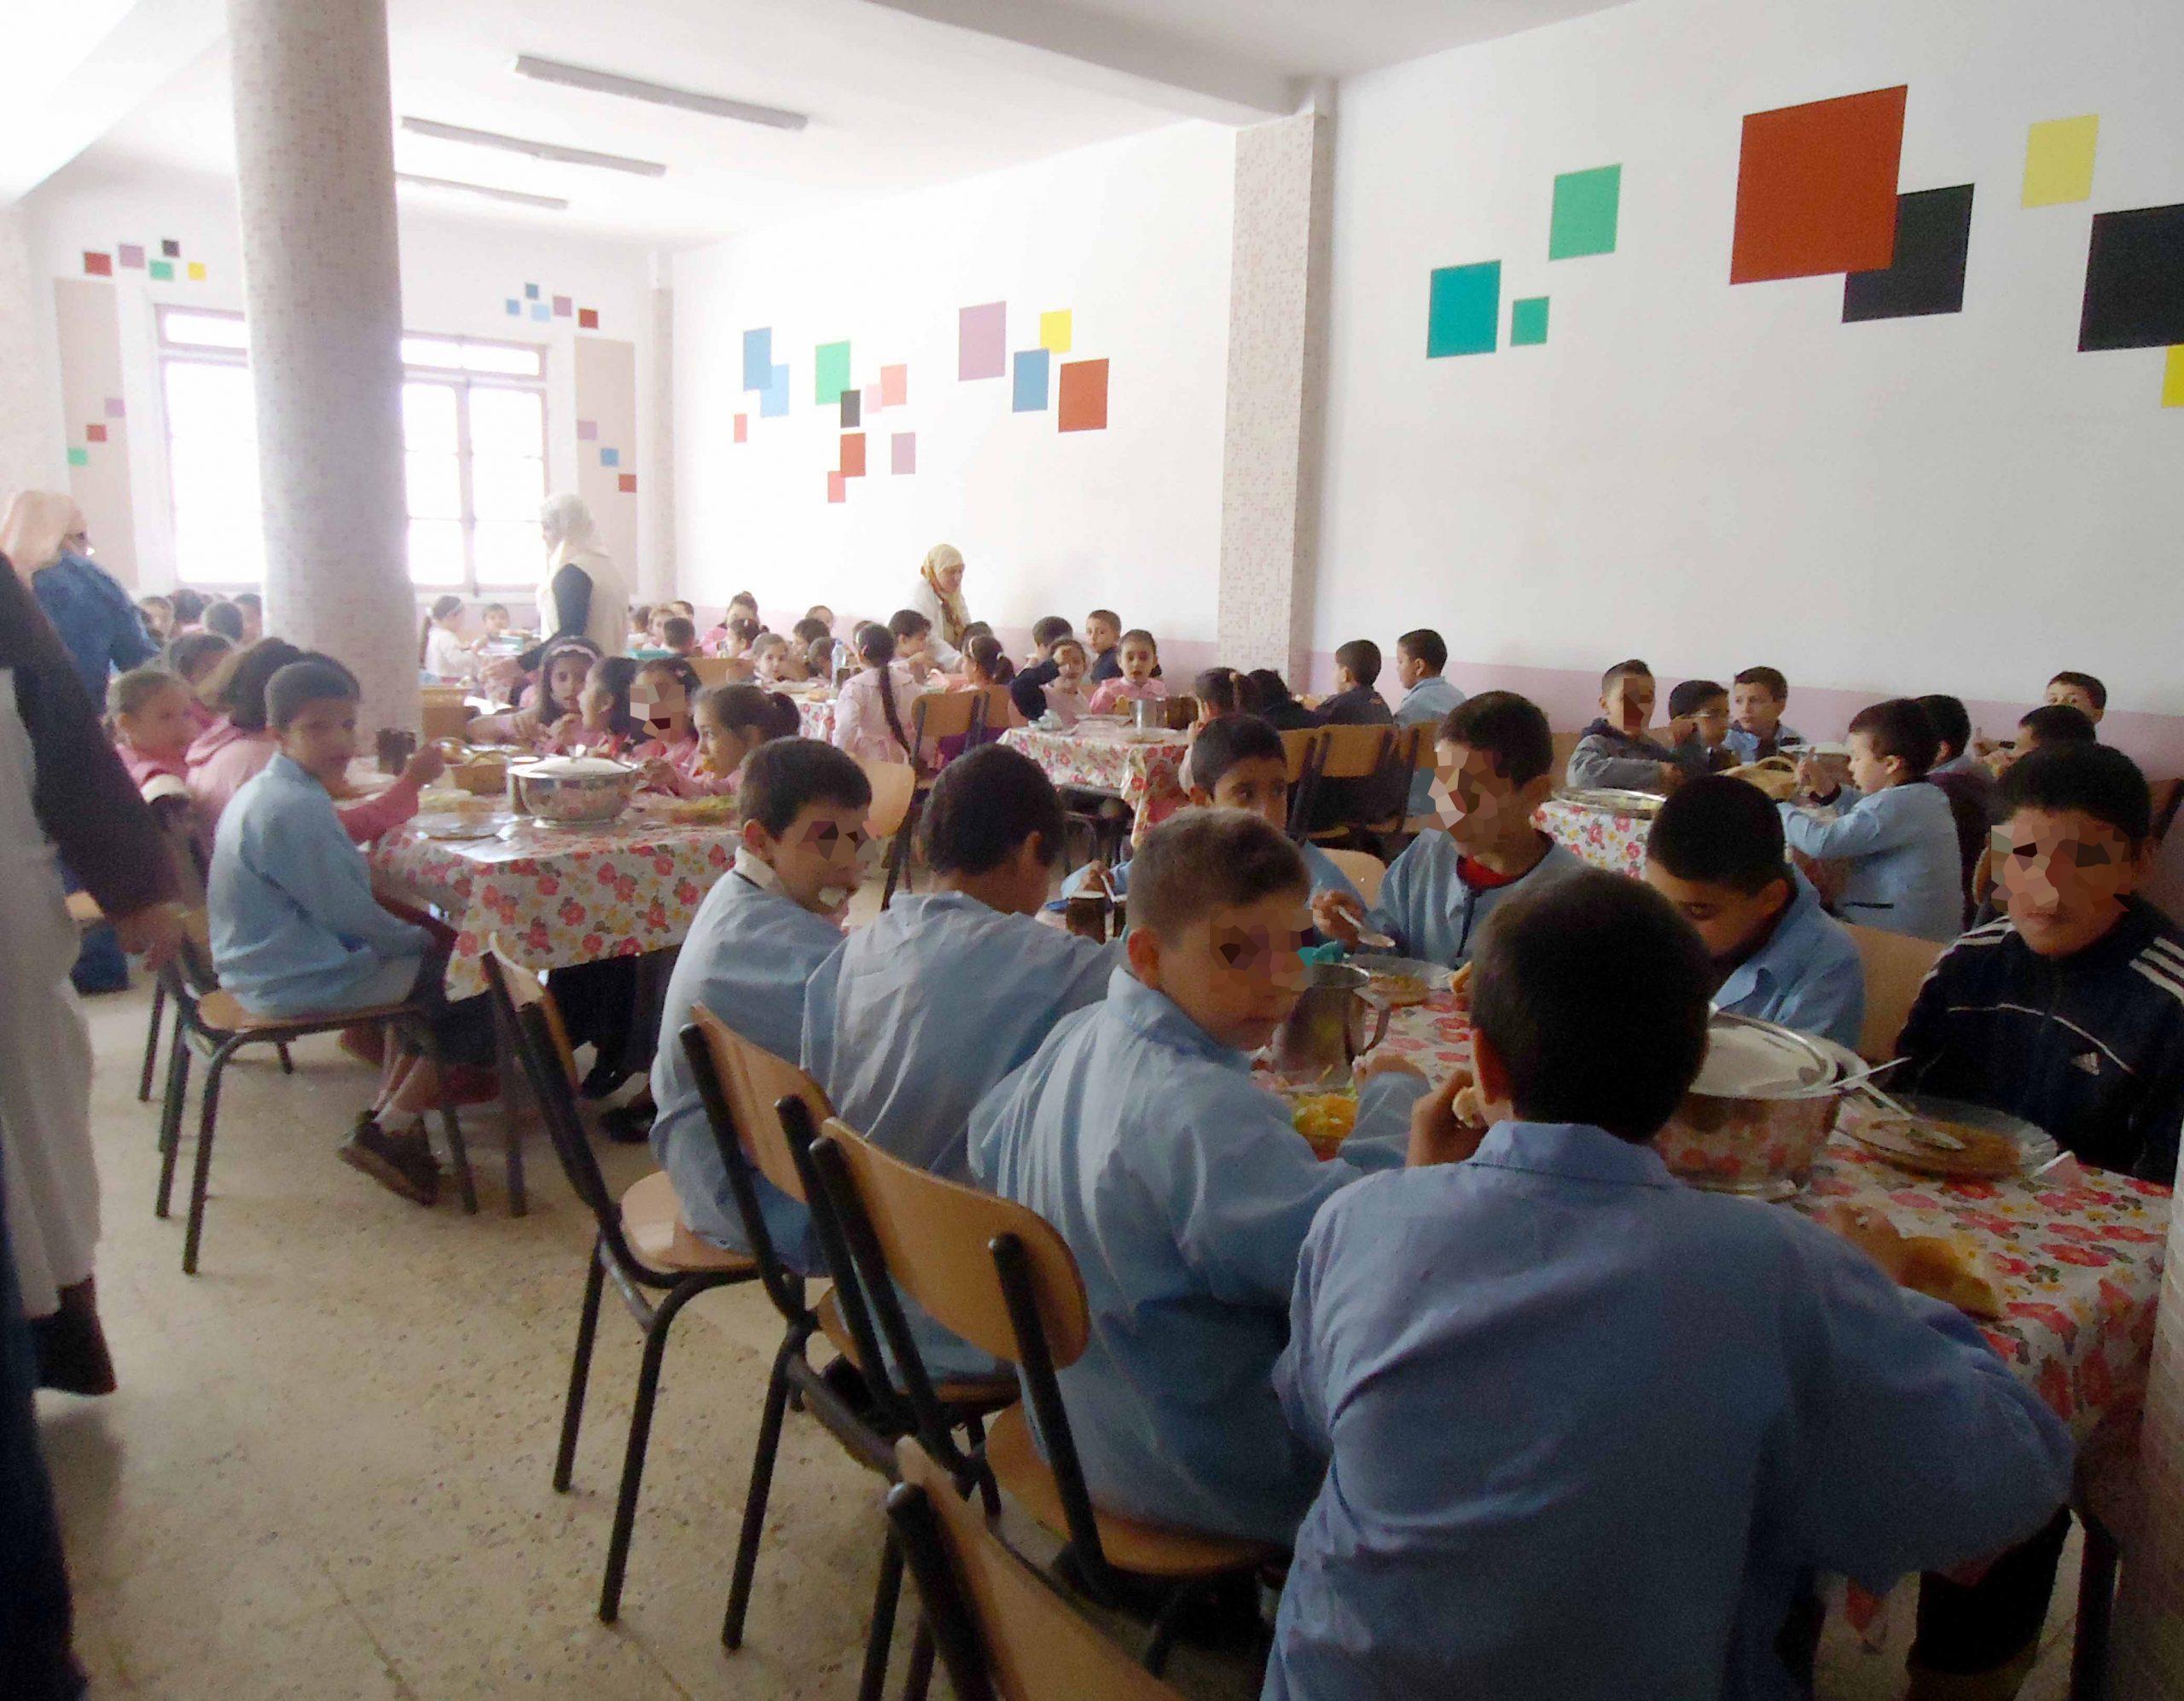 صورة الحكومة تخصص عشرين درهما في اليوم لإطعام تلاميذ الداخليات